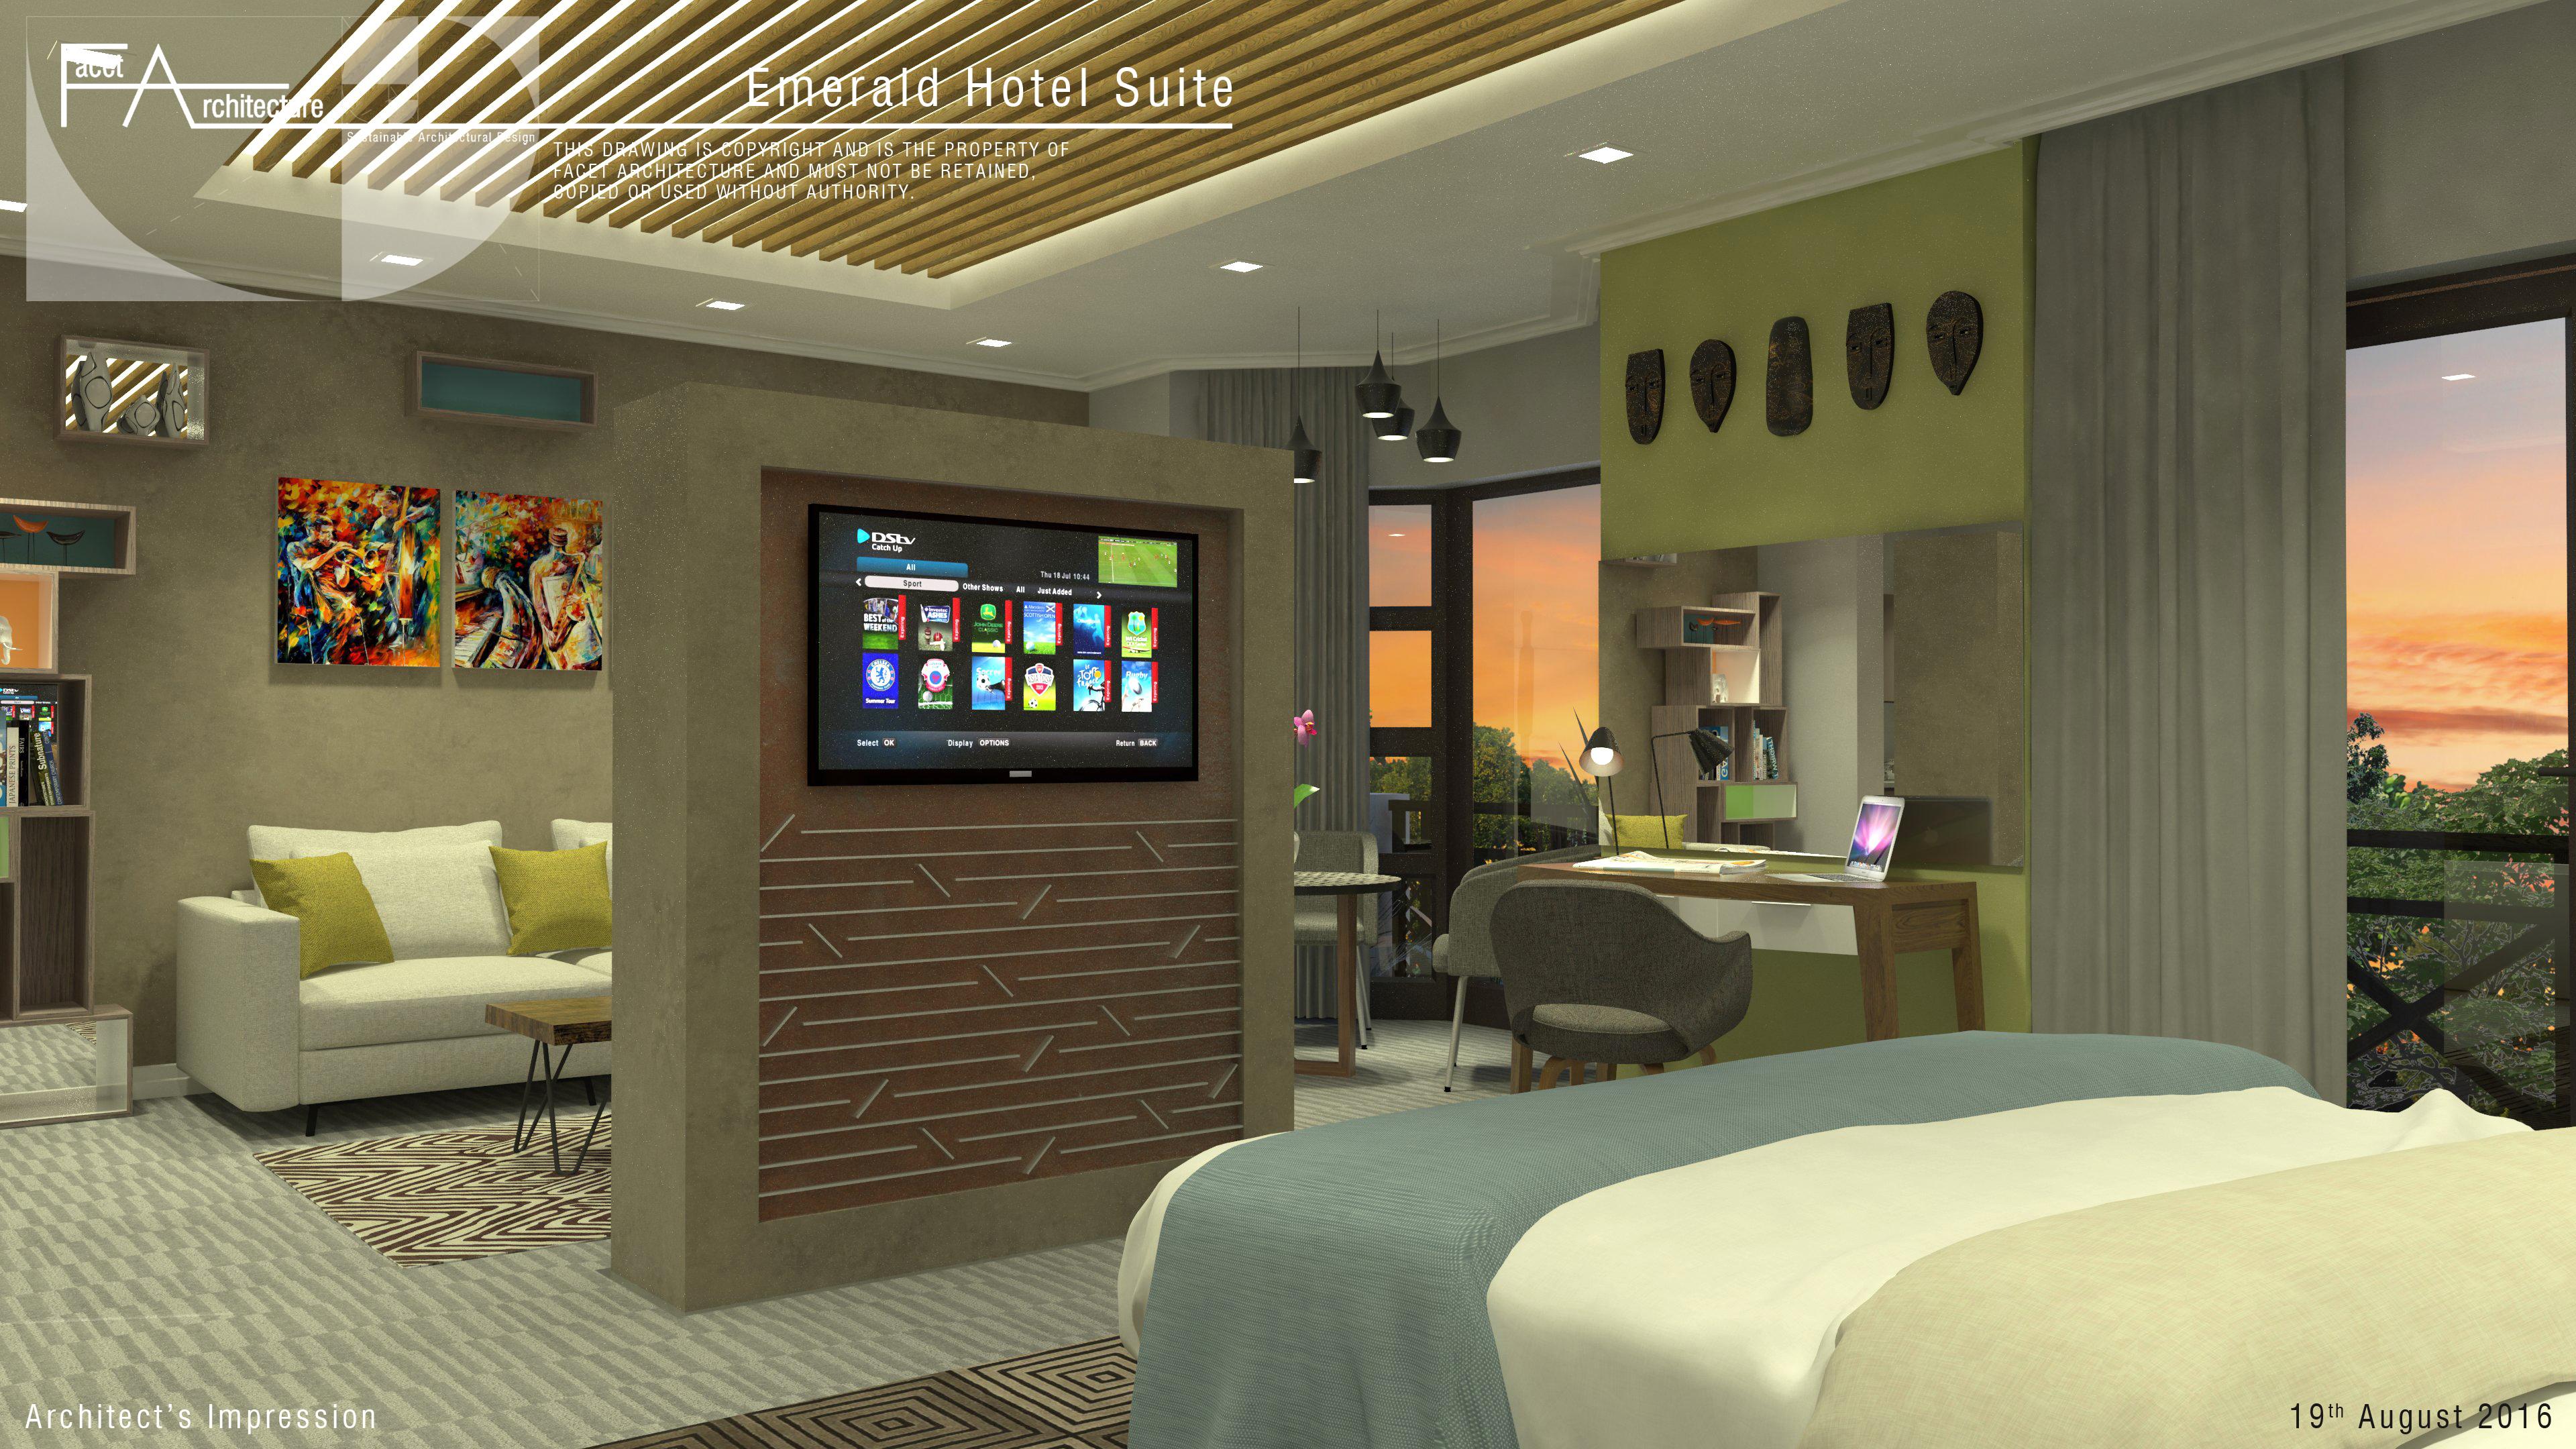 2016-08-19 FA15-24 Emerald Hotel Suite A Render 03